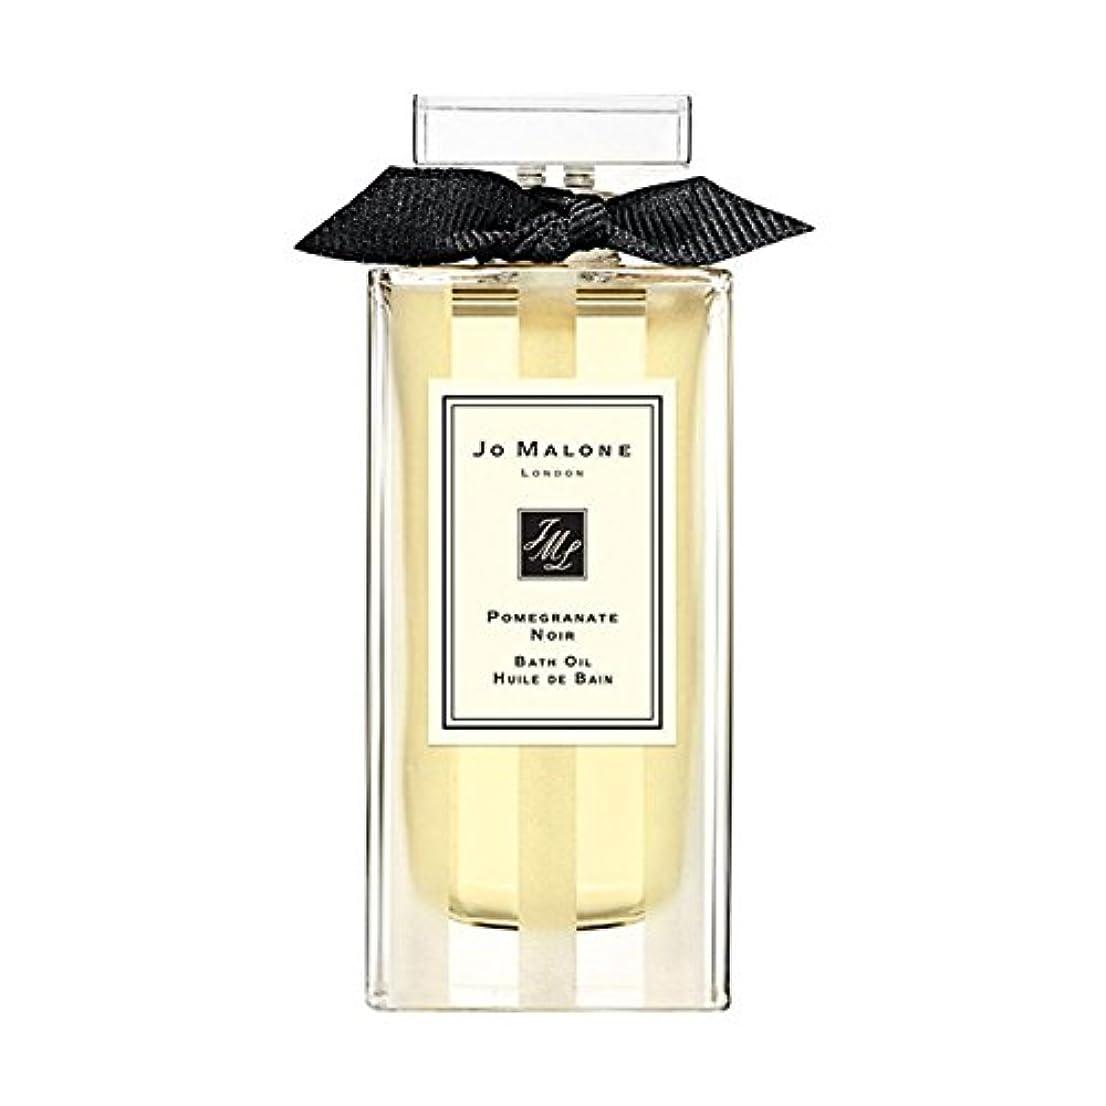 シーケンス父方のストローJo Malone ジョーマローン, バスオイル -ザクロ?ノワール (30ml),'Pomegranate Noir' Bath Oil (1oz) [海外直送品] [並行輸入品]